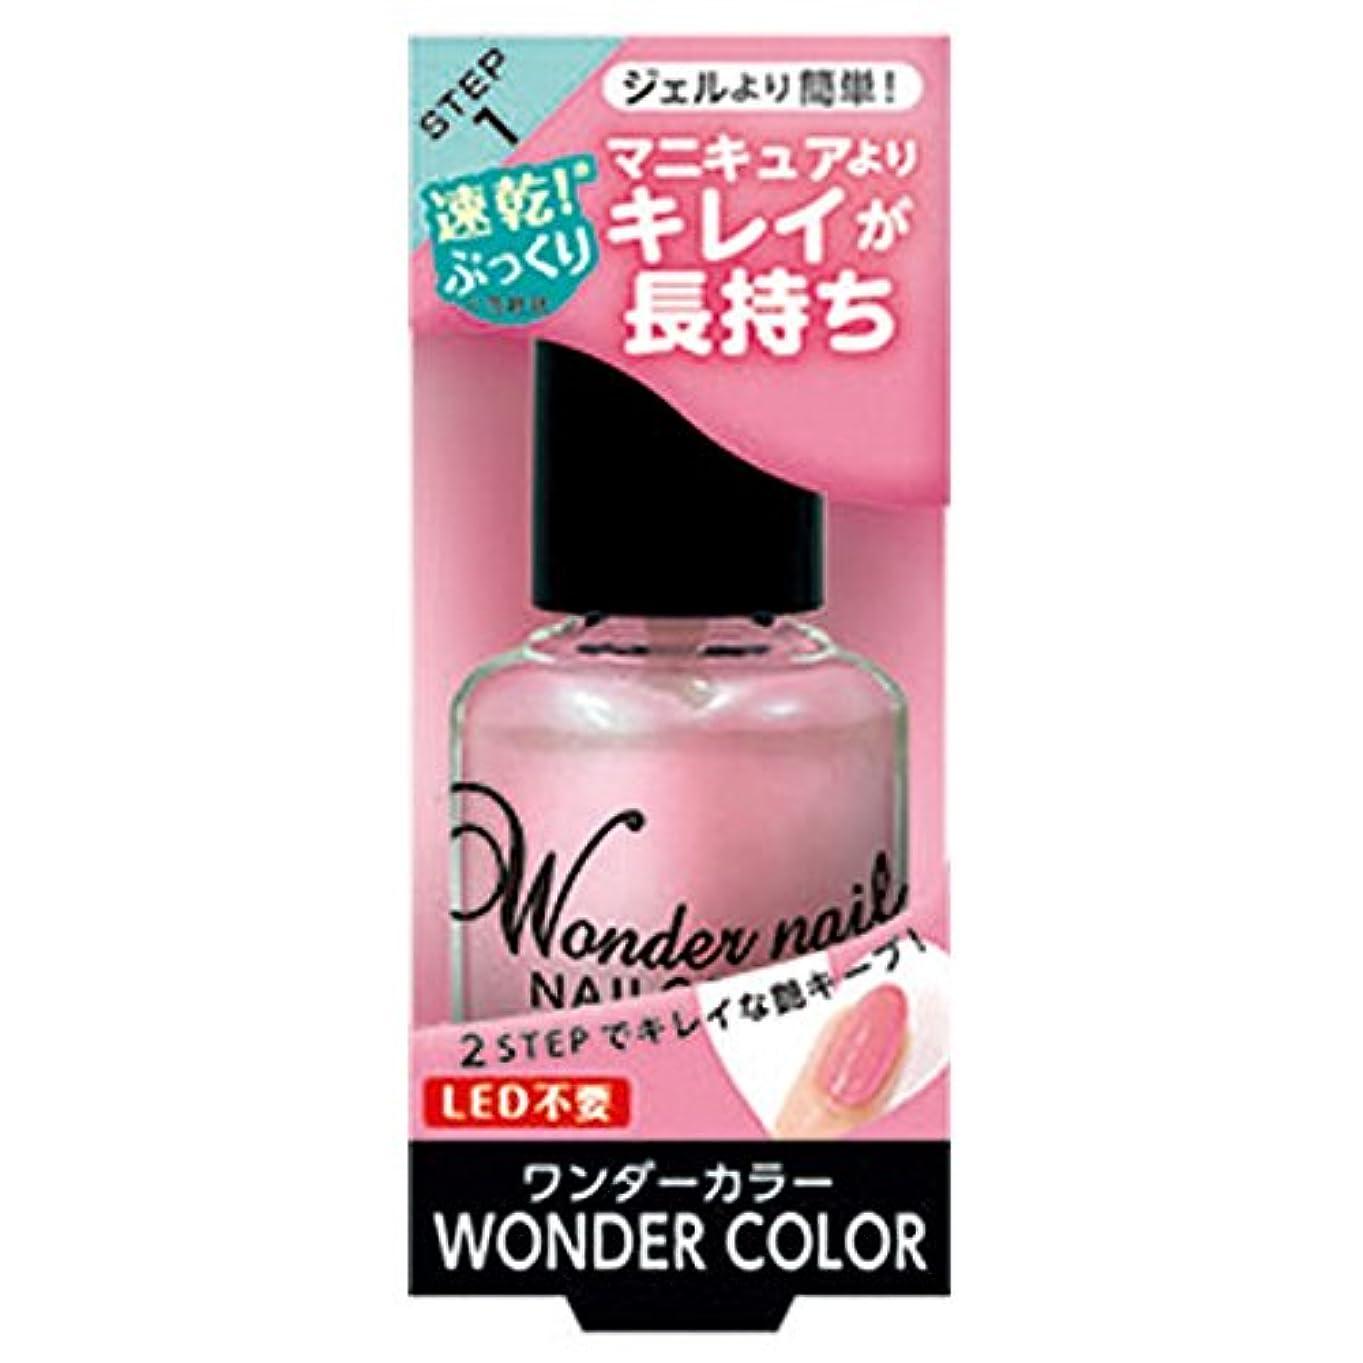 ブラジャー上ナビゲーションpa ワンダーネイル WN-05 (10ml)